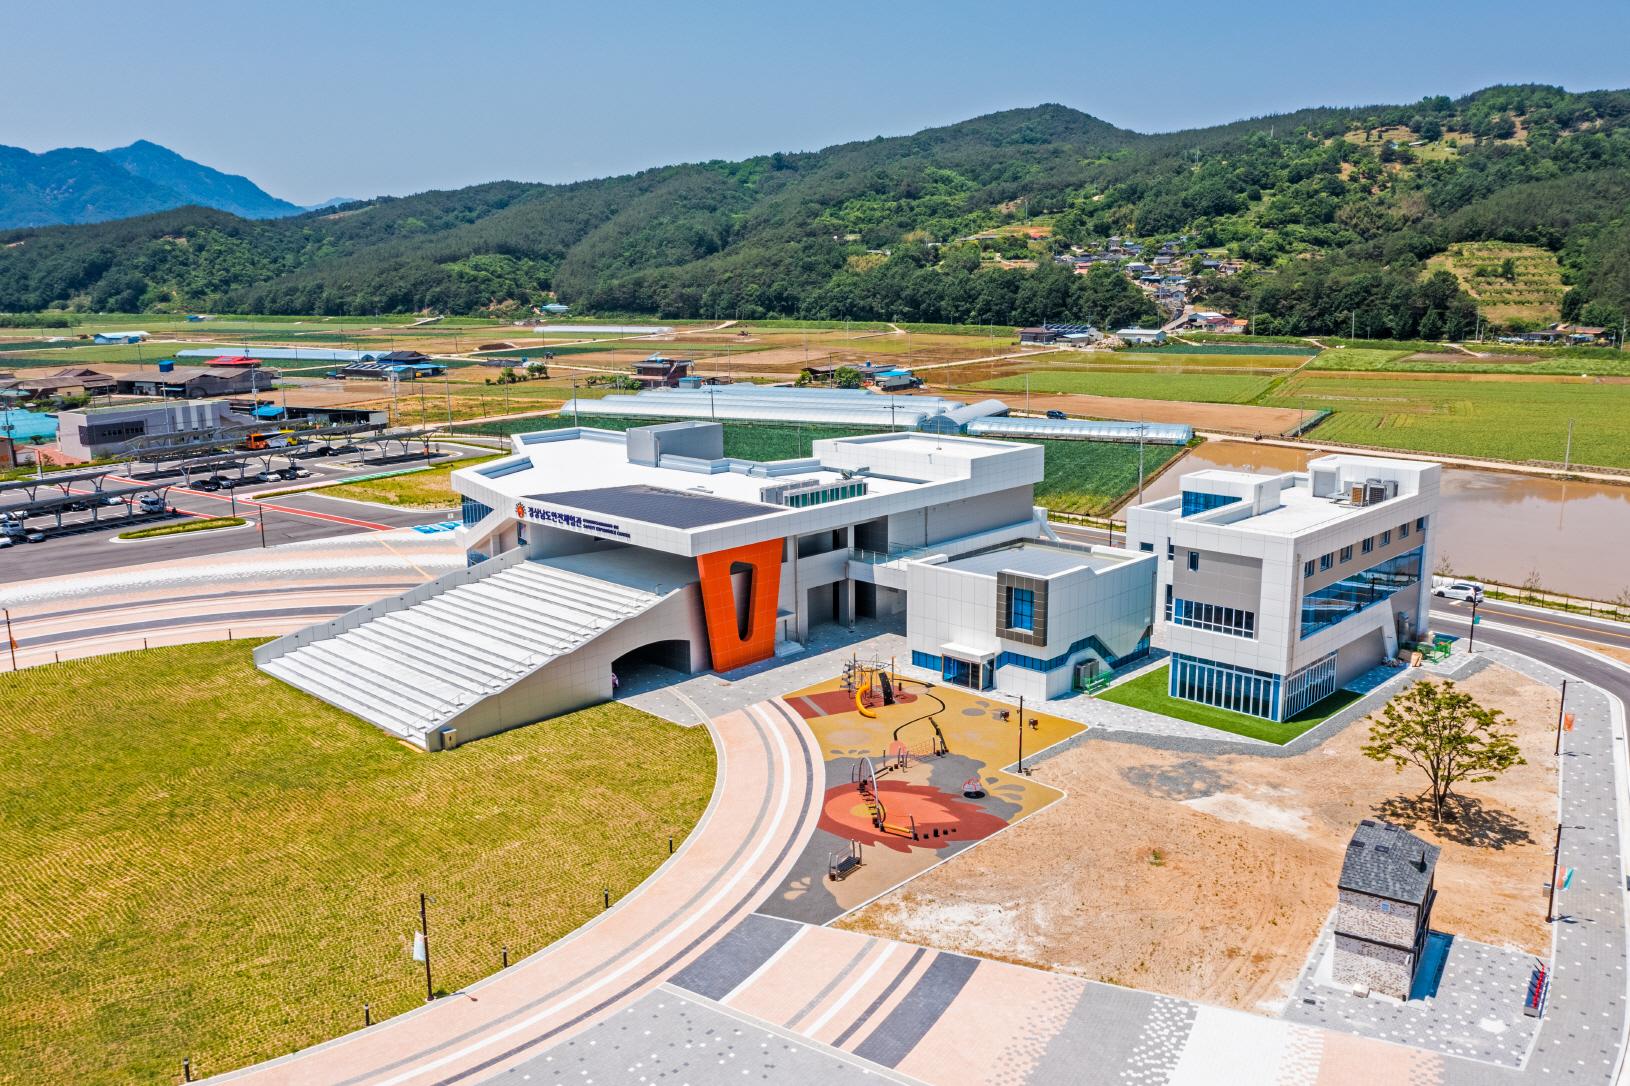 〔ANN의 뉴스 포커스〕 지진·태풍·화재에 대비한 모범적인 안전체험 교육시설